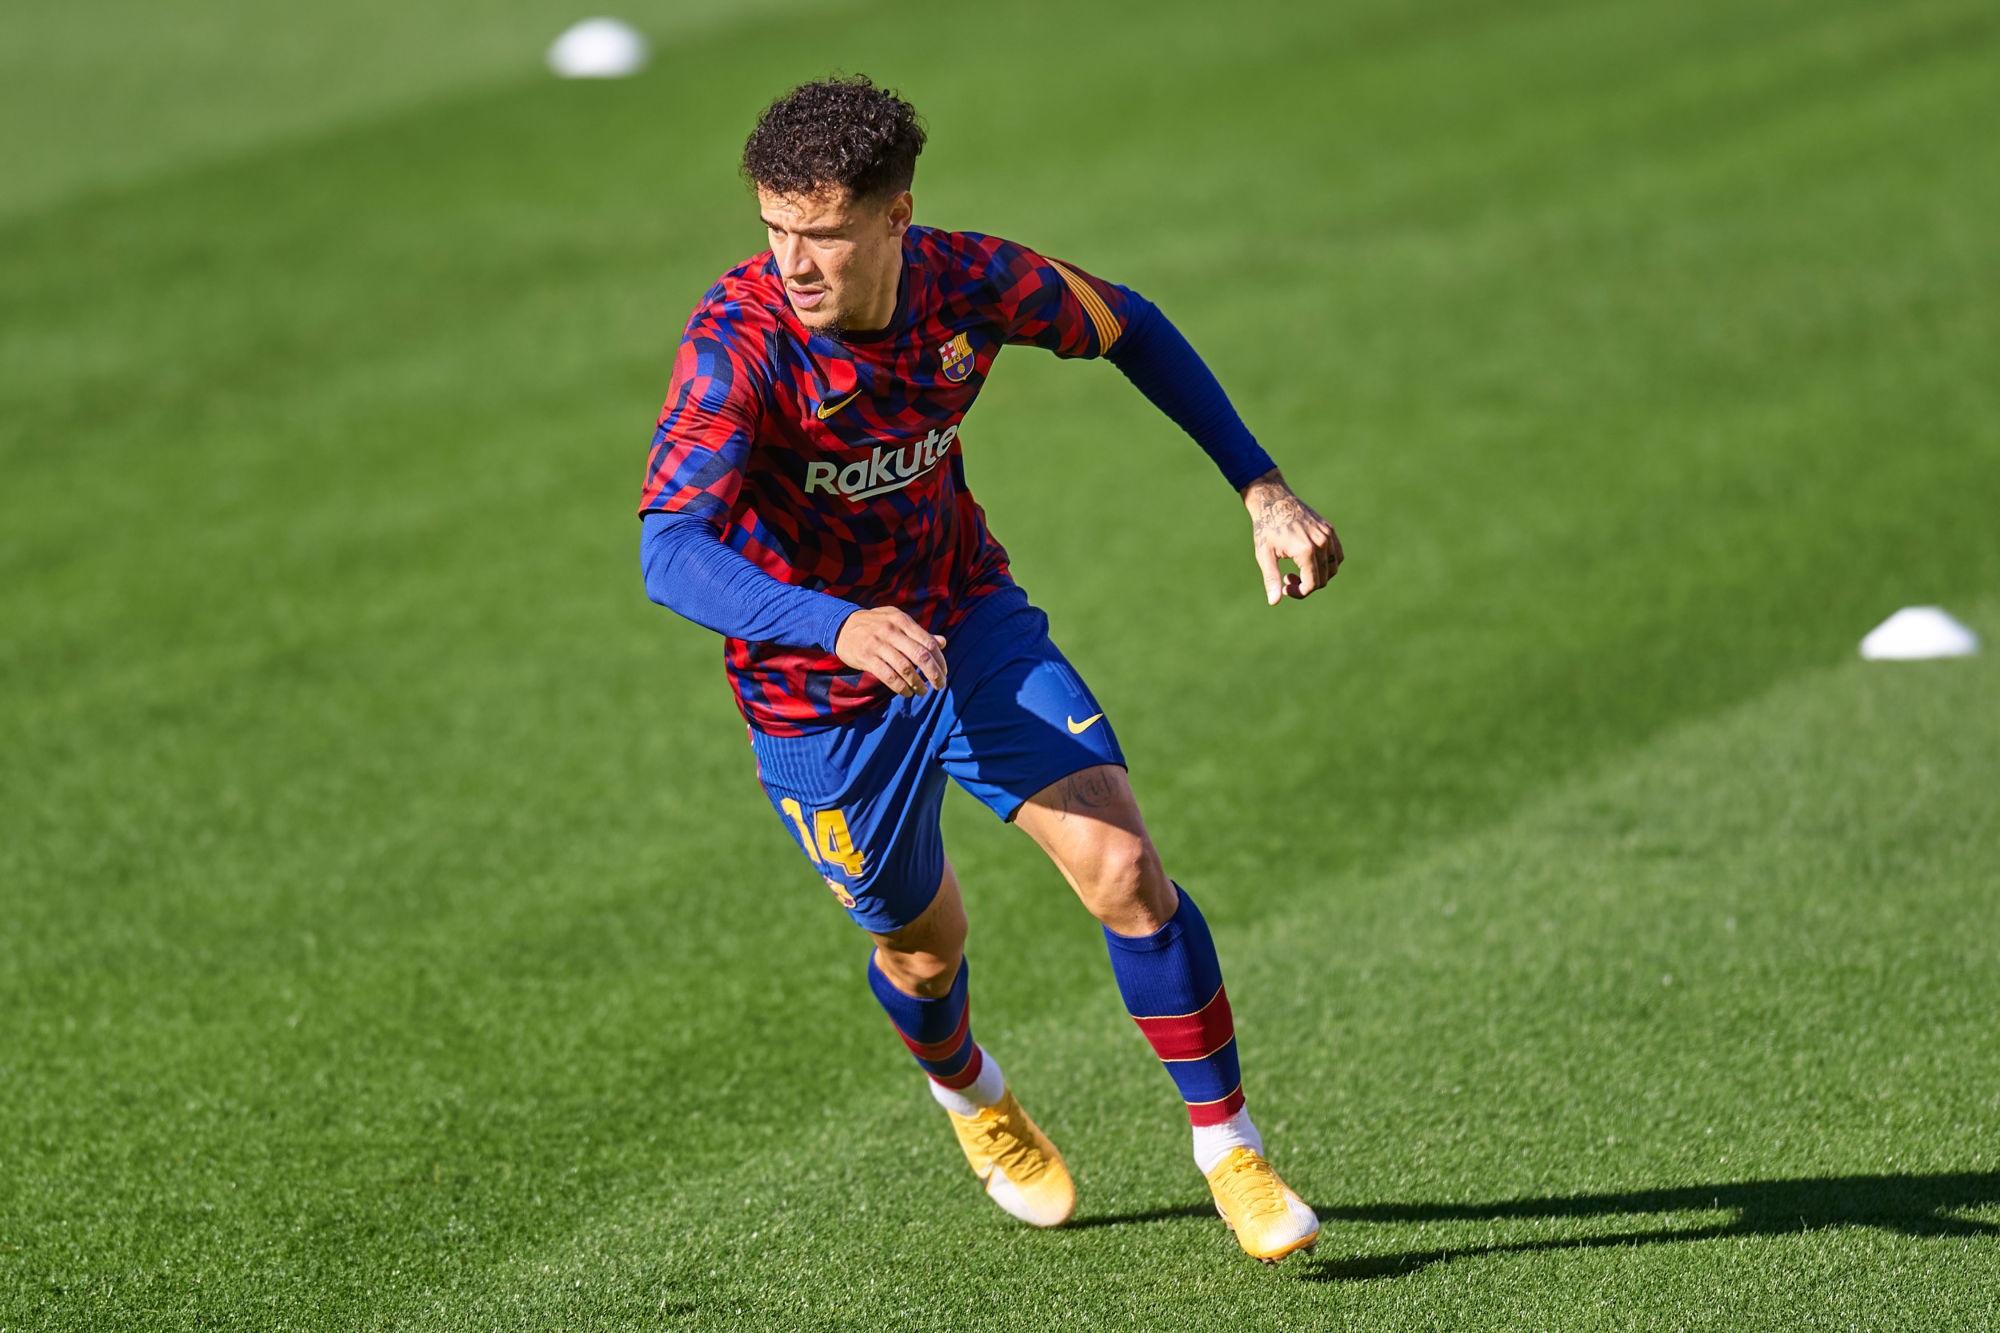 Philippe Coutinho blessé au genou et très incertain pour le 8e de finale de LDC face au PSG